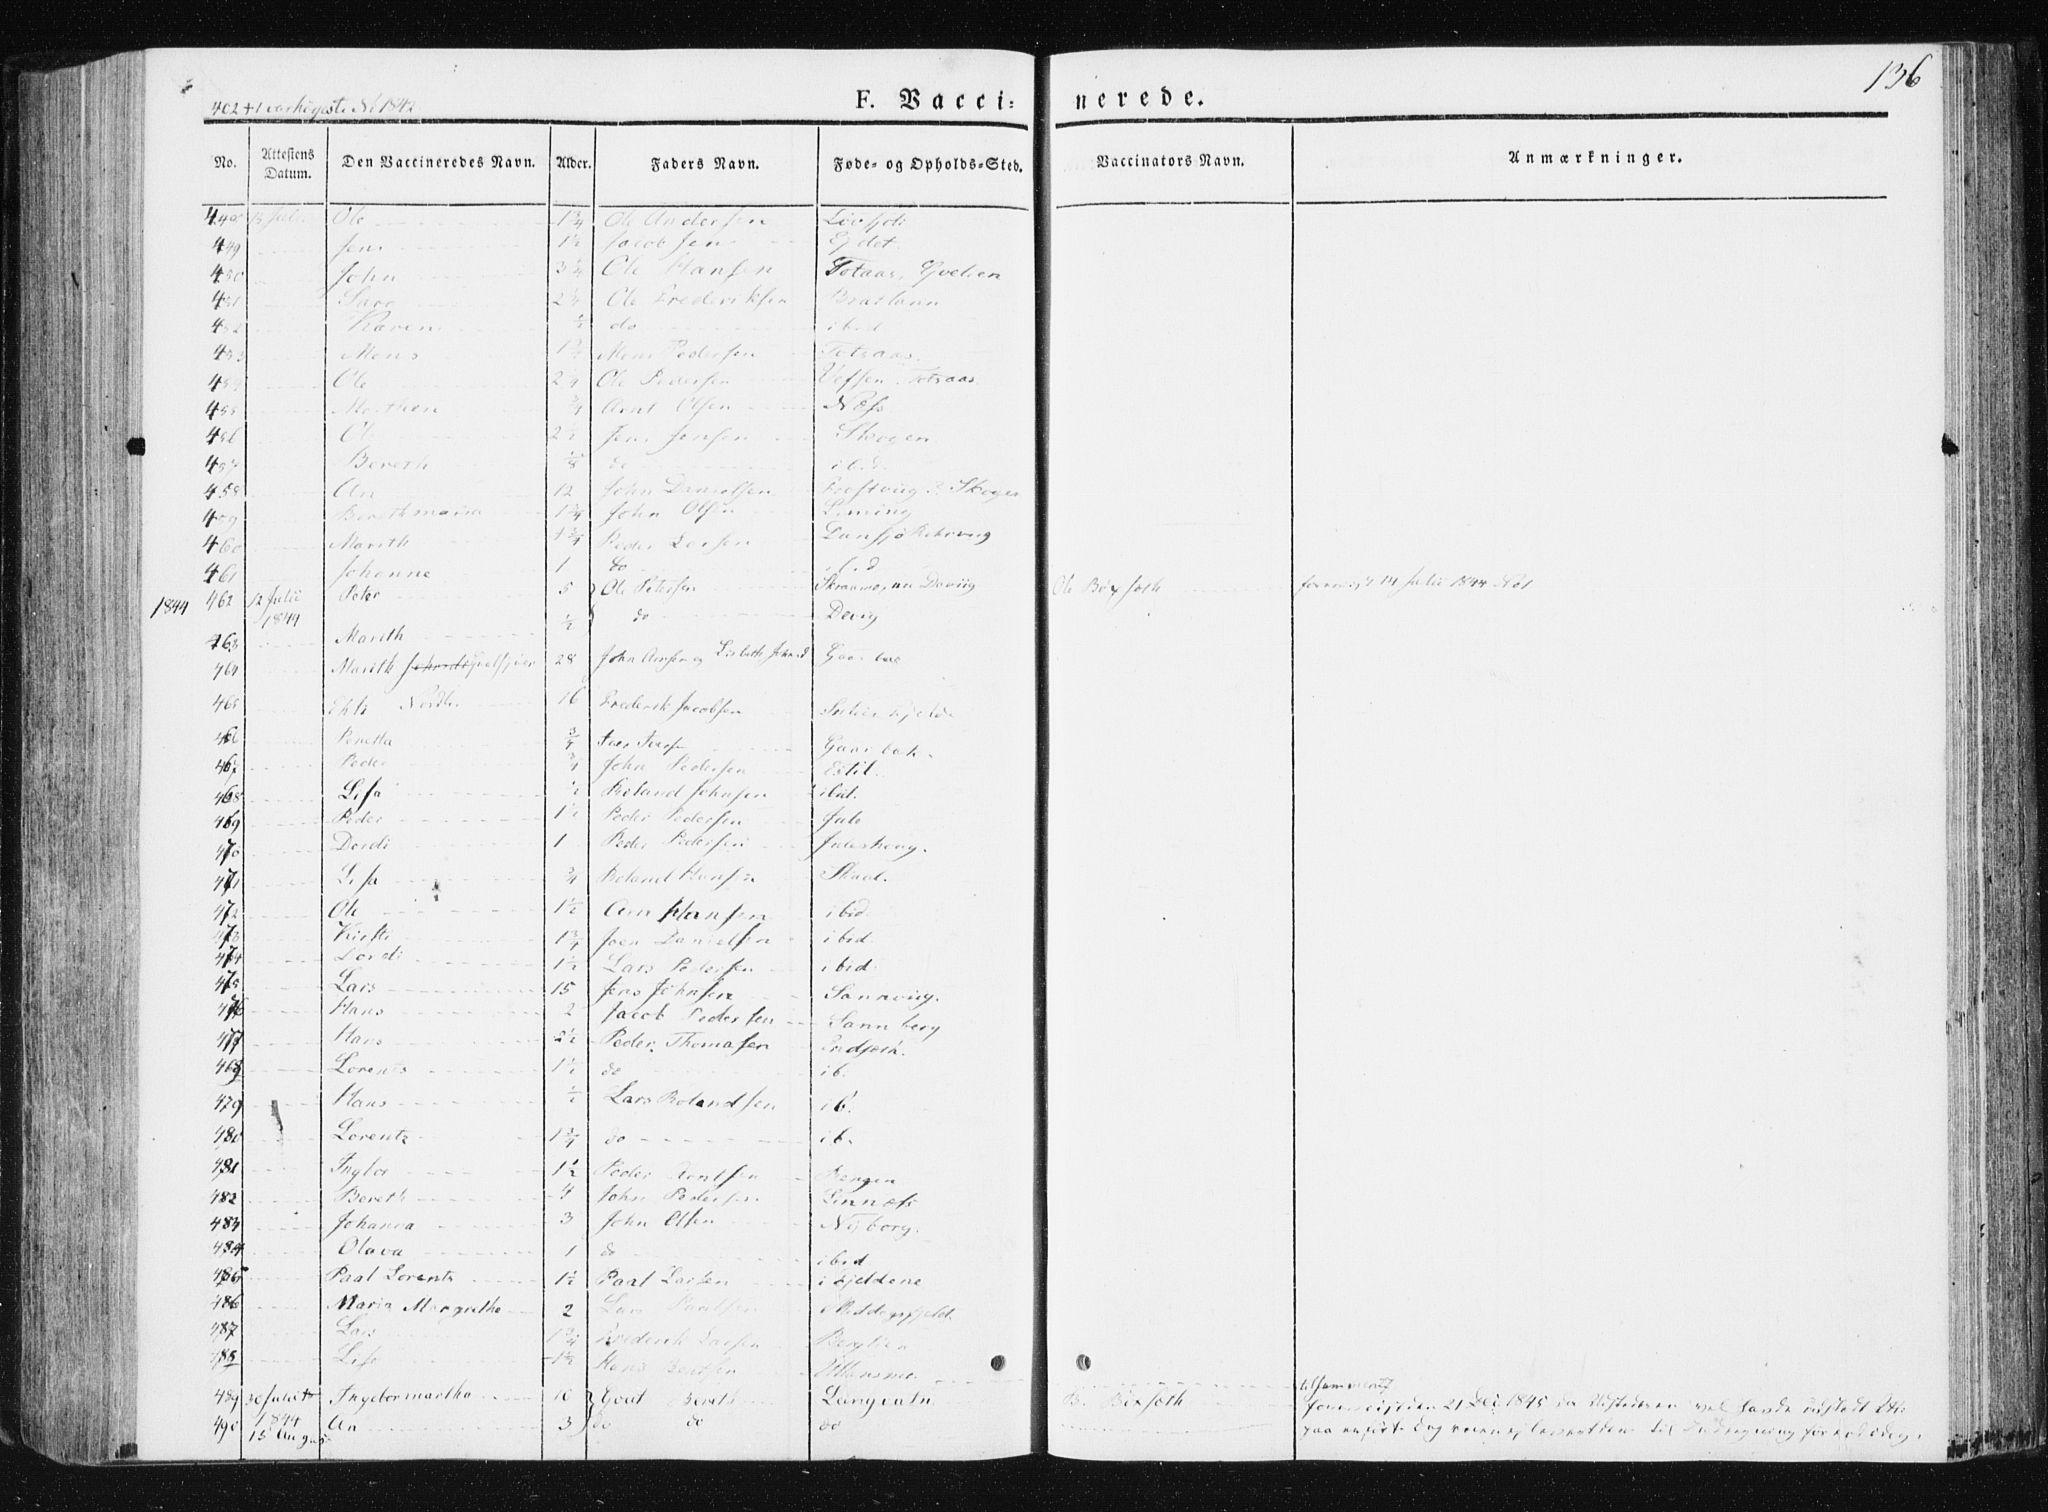 SAT, Ministerialprotokoller, klokkerbøker og fødselsregistre - Nord-Trøndelag, 749/L0470: Ministerialbok nr. 749A04, 1834-1853, s. 136